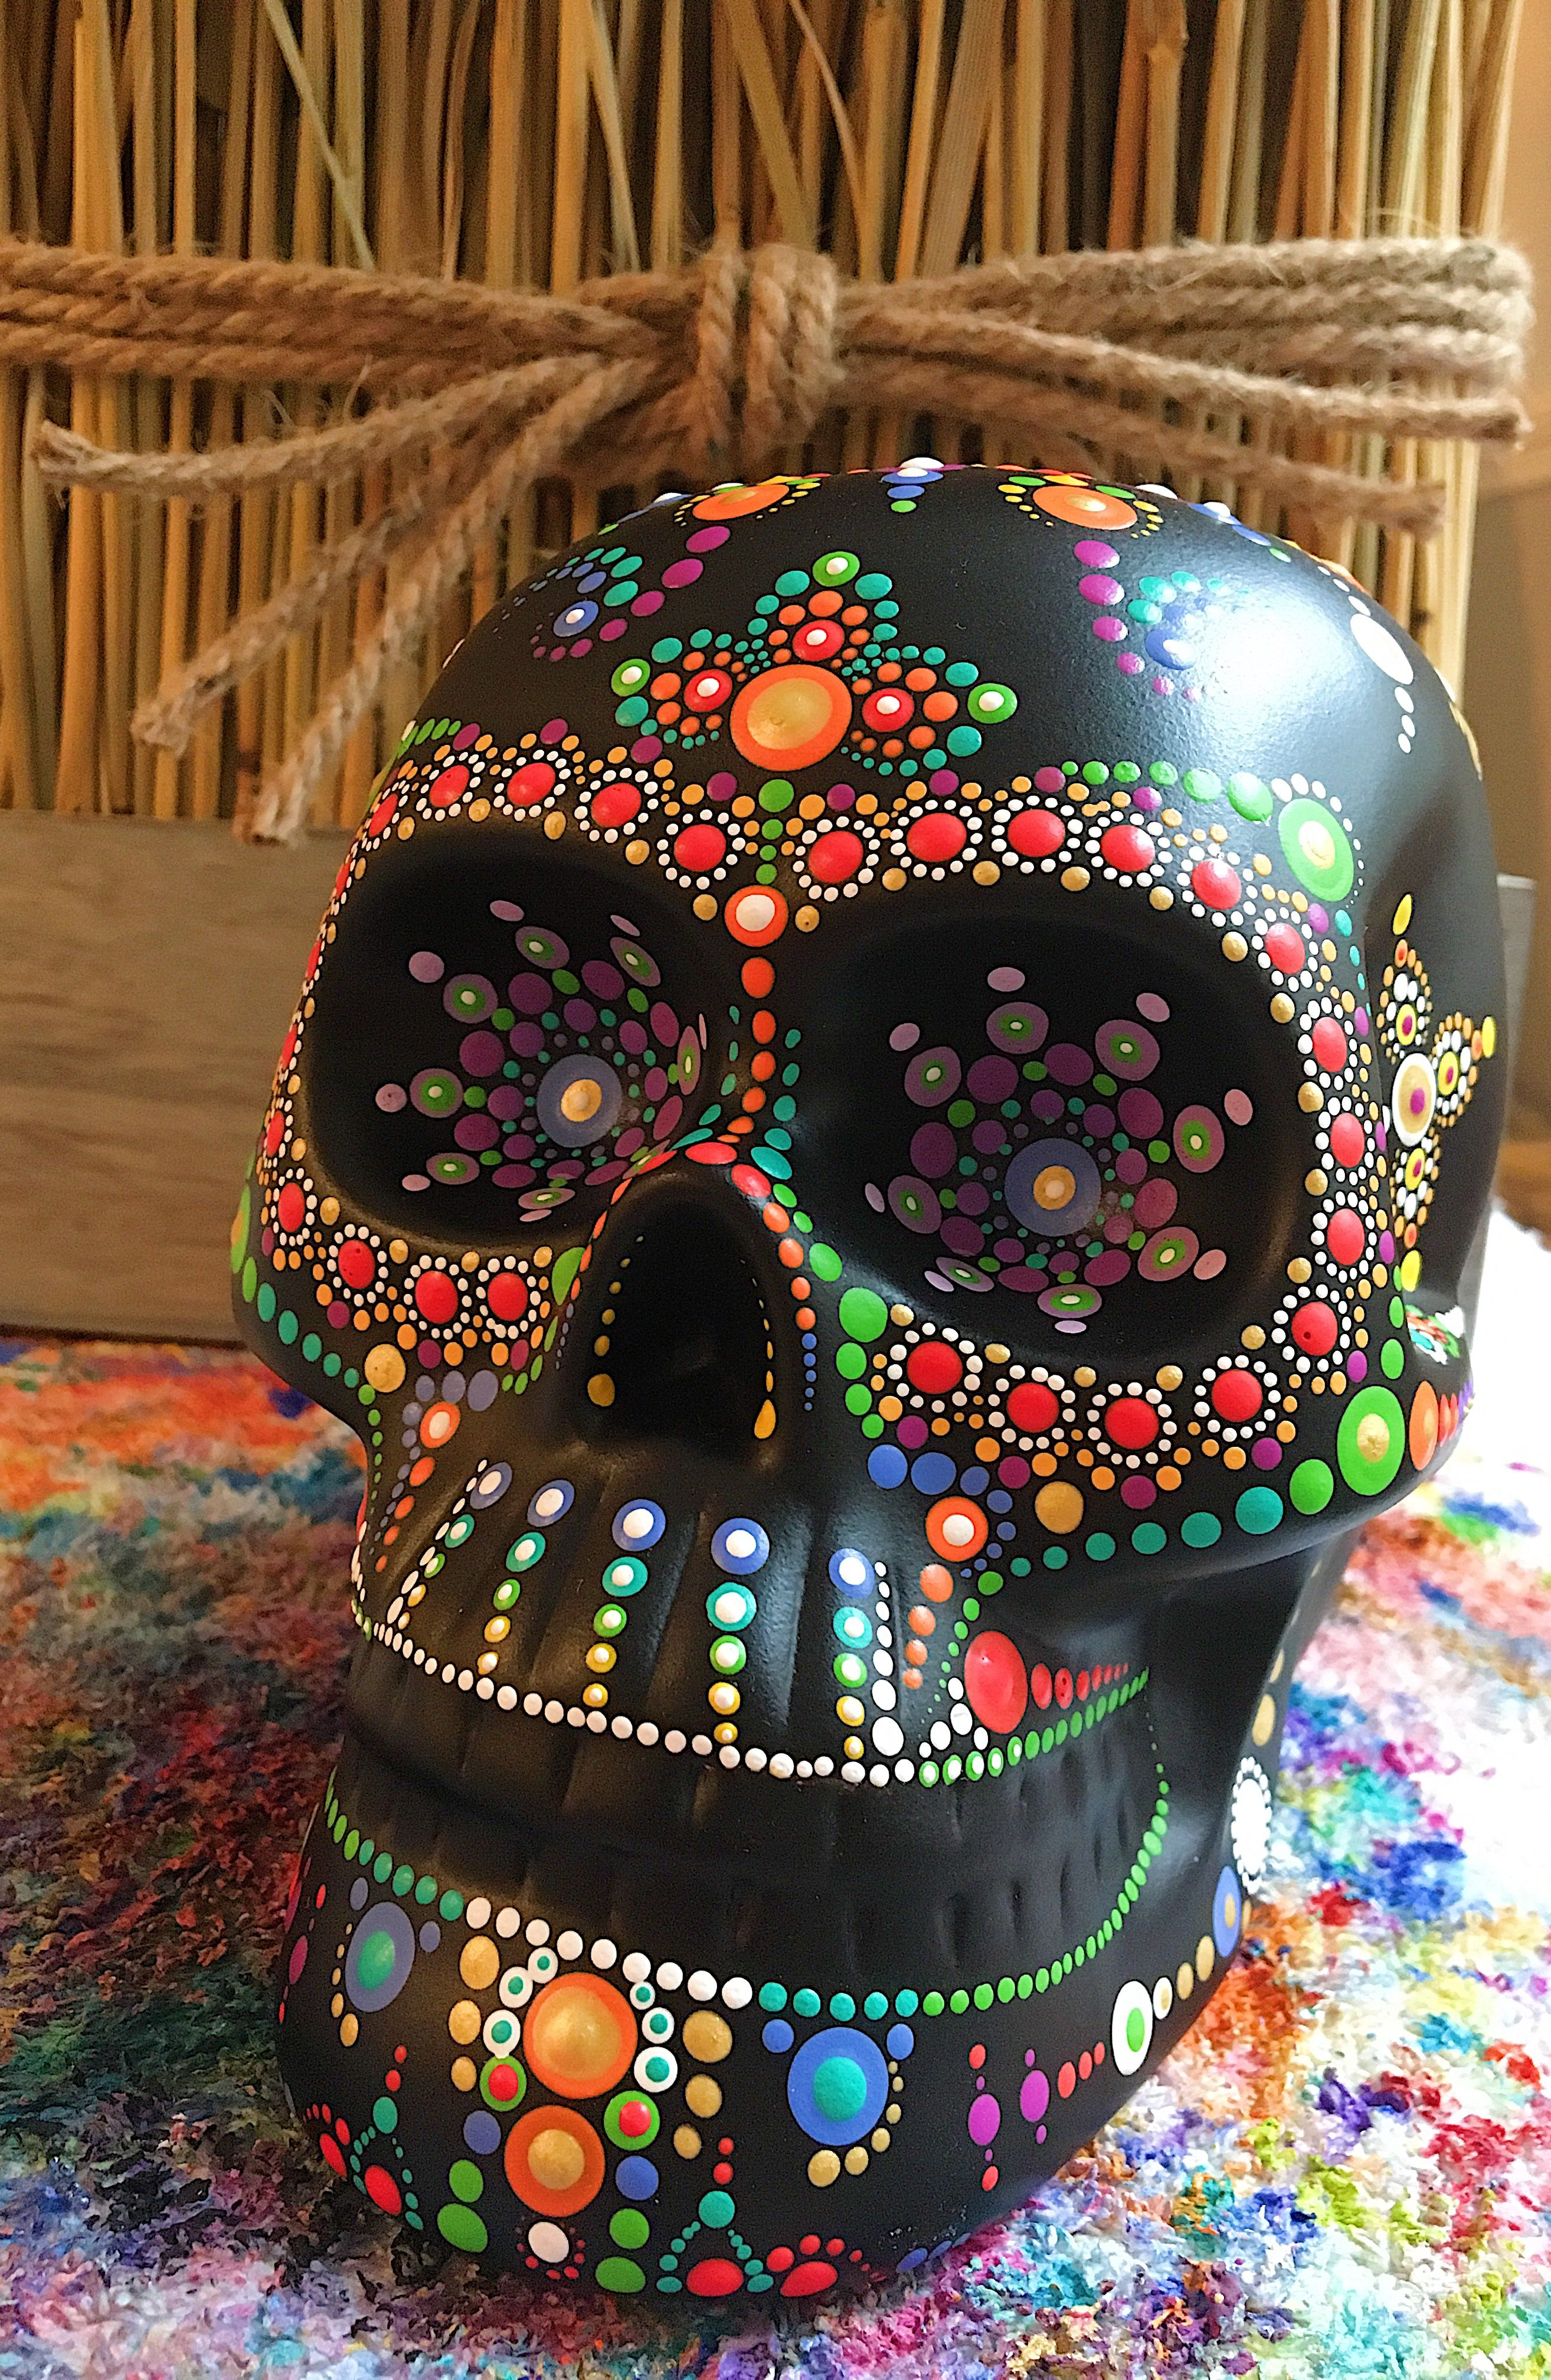 Painted Sugar Skull Dot Art Ceramic Skull Skull Decor Inspired Heart Art Inspiredheartart Sugar Skull Artwork Sugar Skull Painting Sugar Skull Art